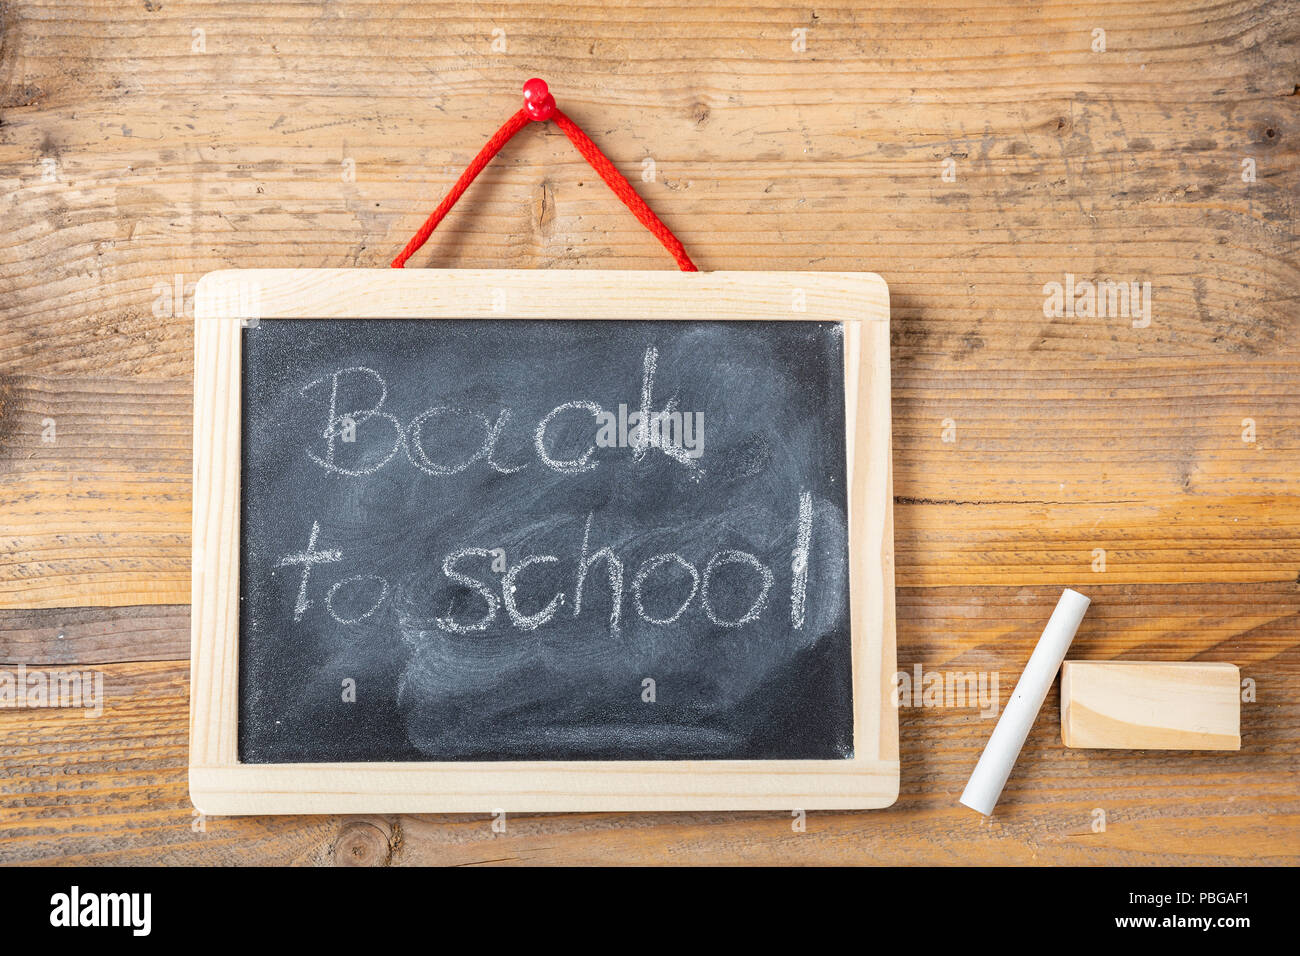 Zurück zu Zeichnung Schule auf Tafel mit Rahmen hängen an die ...